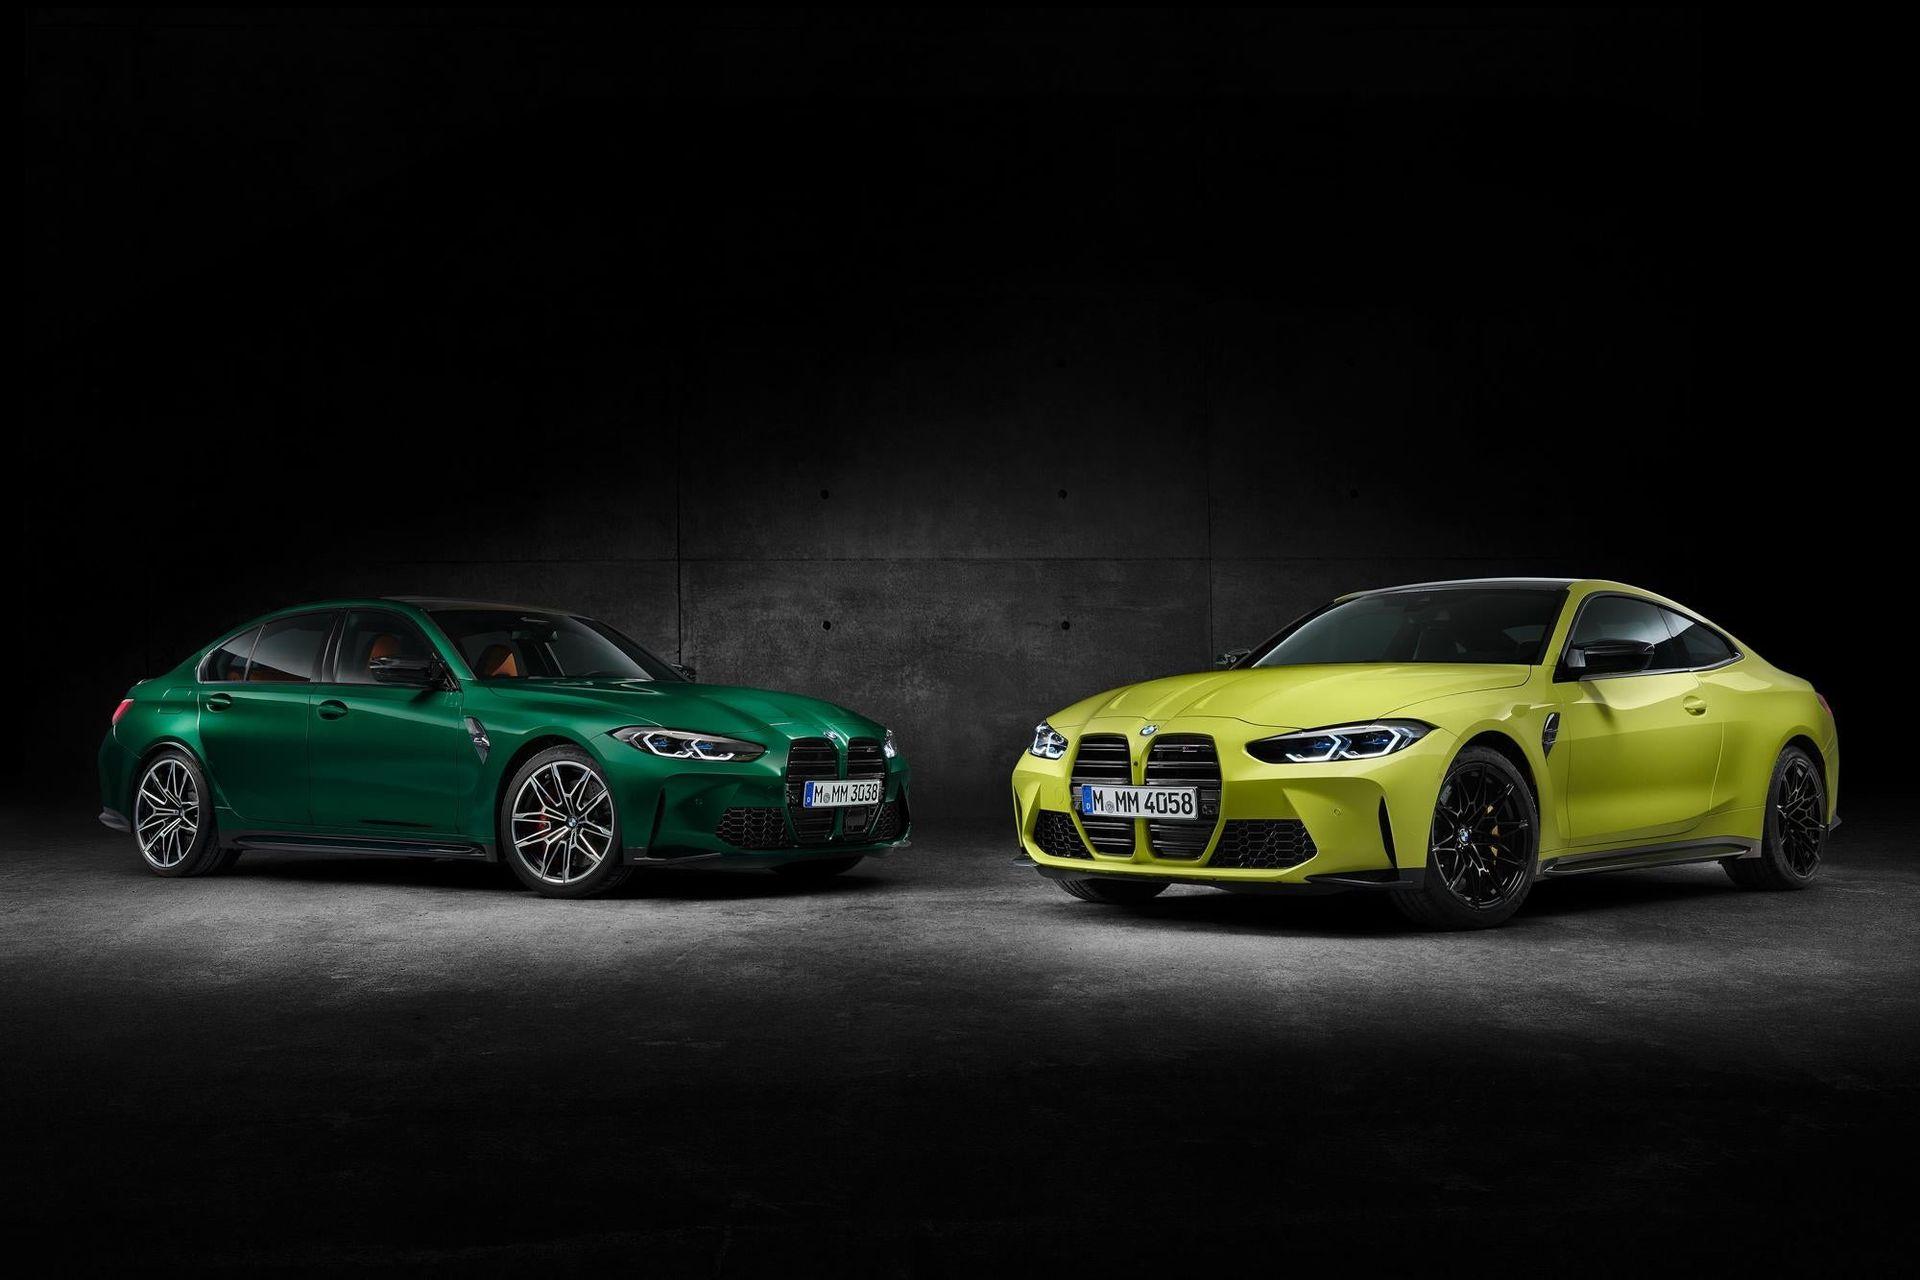 Nya BMW M3 och M4 läcker ut